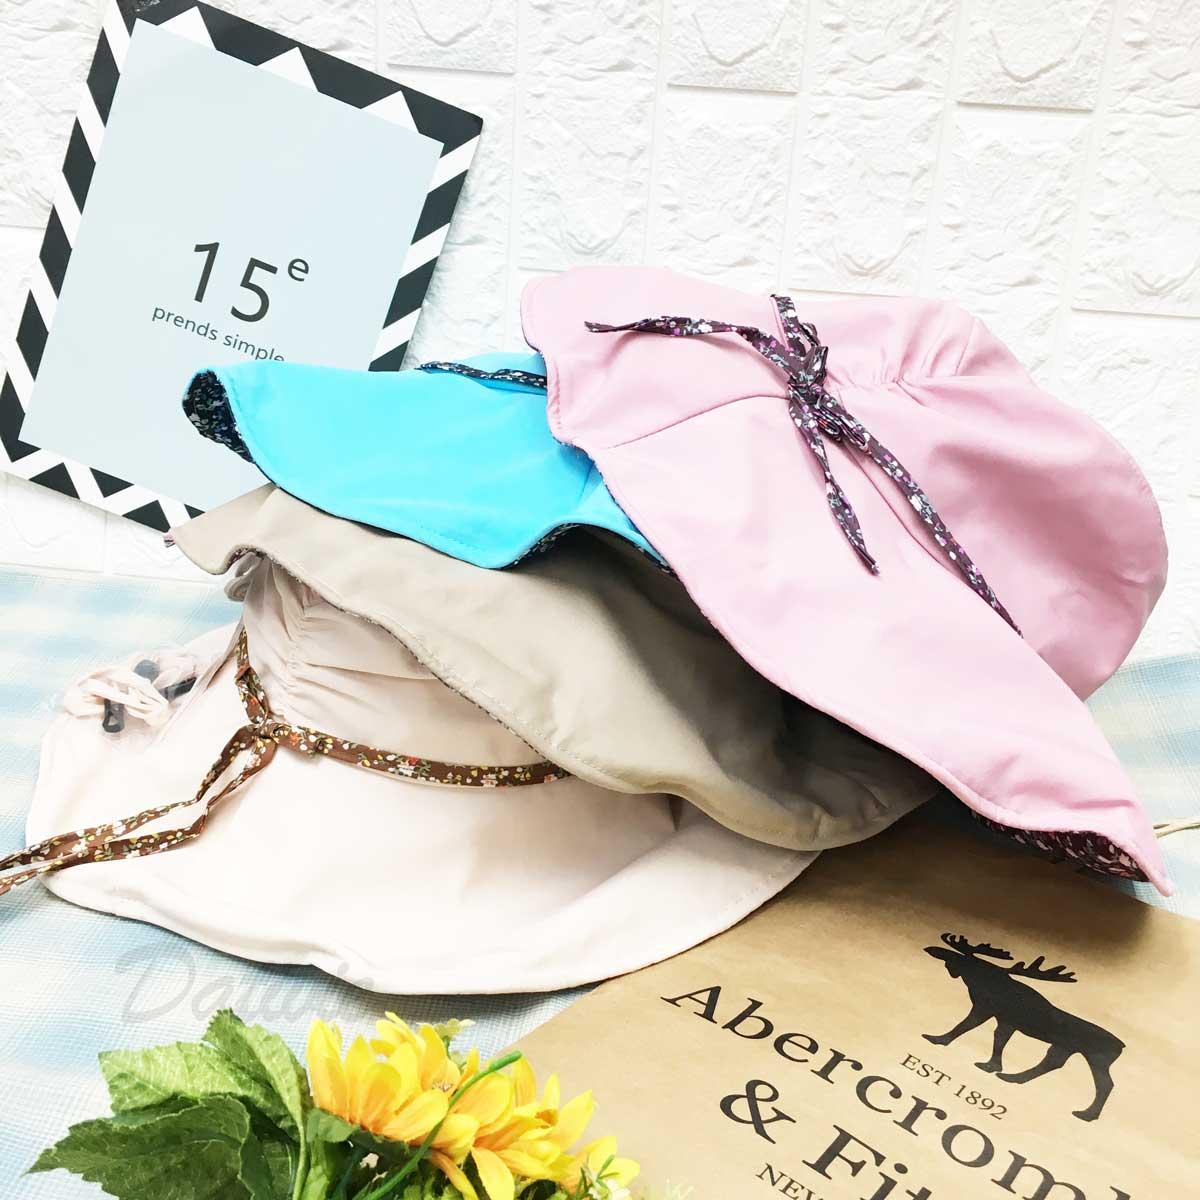 遮陽帽 抓皺 綁帶不可拆 雙蝴蝶結 鐵邊可彎曲造型 內裡滿版小碎花 頭圍可調鬆緊 附拉繩 帽子 淑女帽